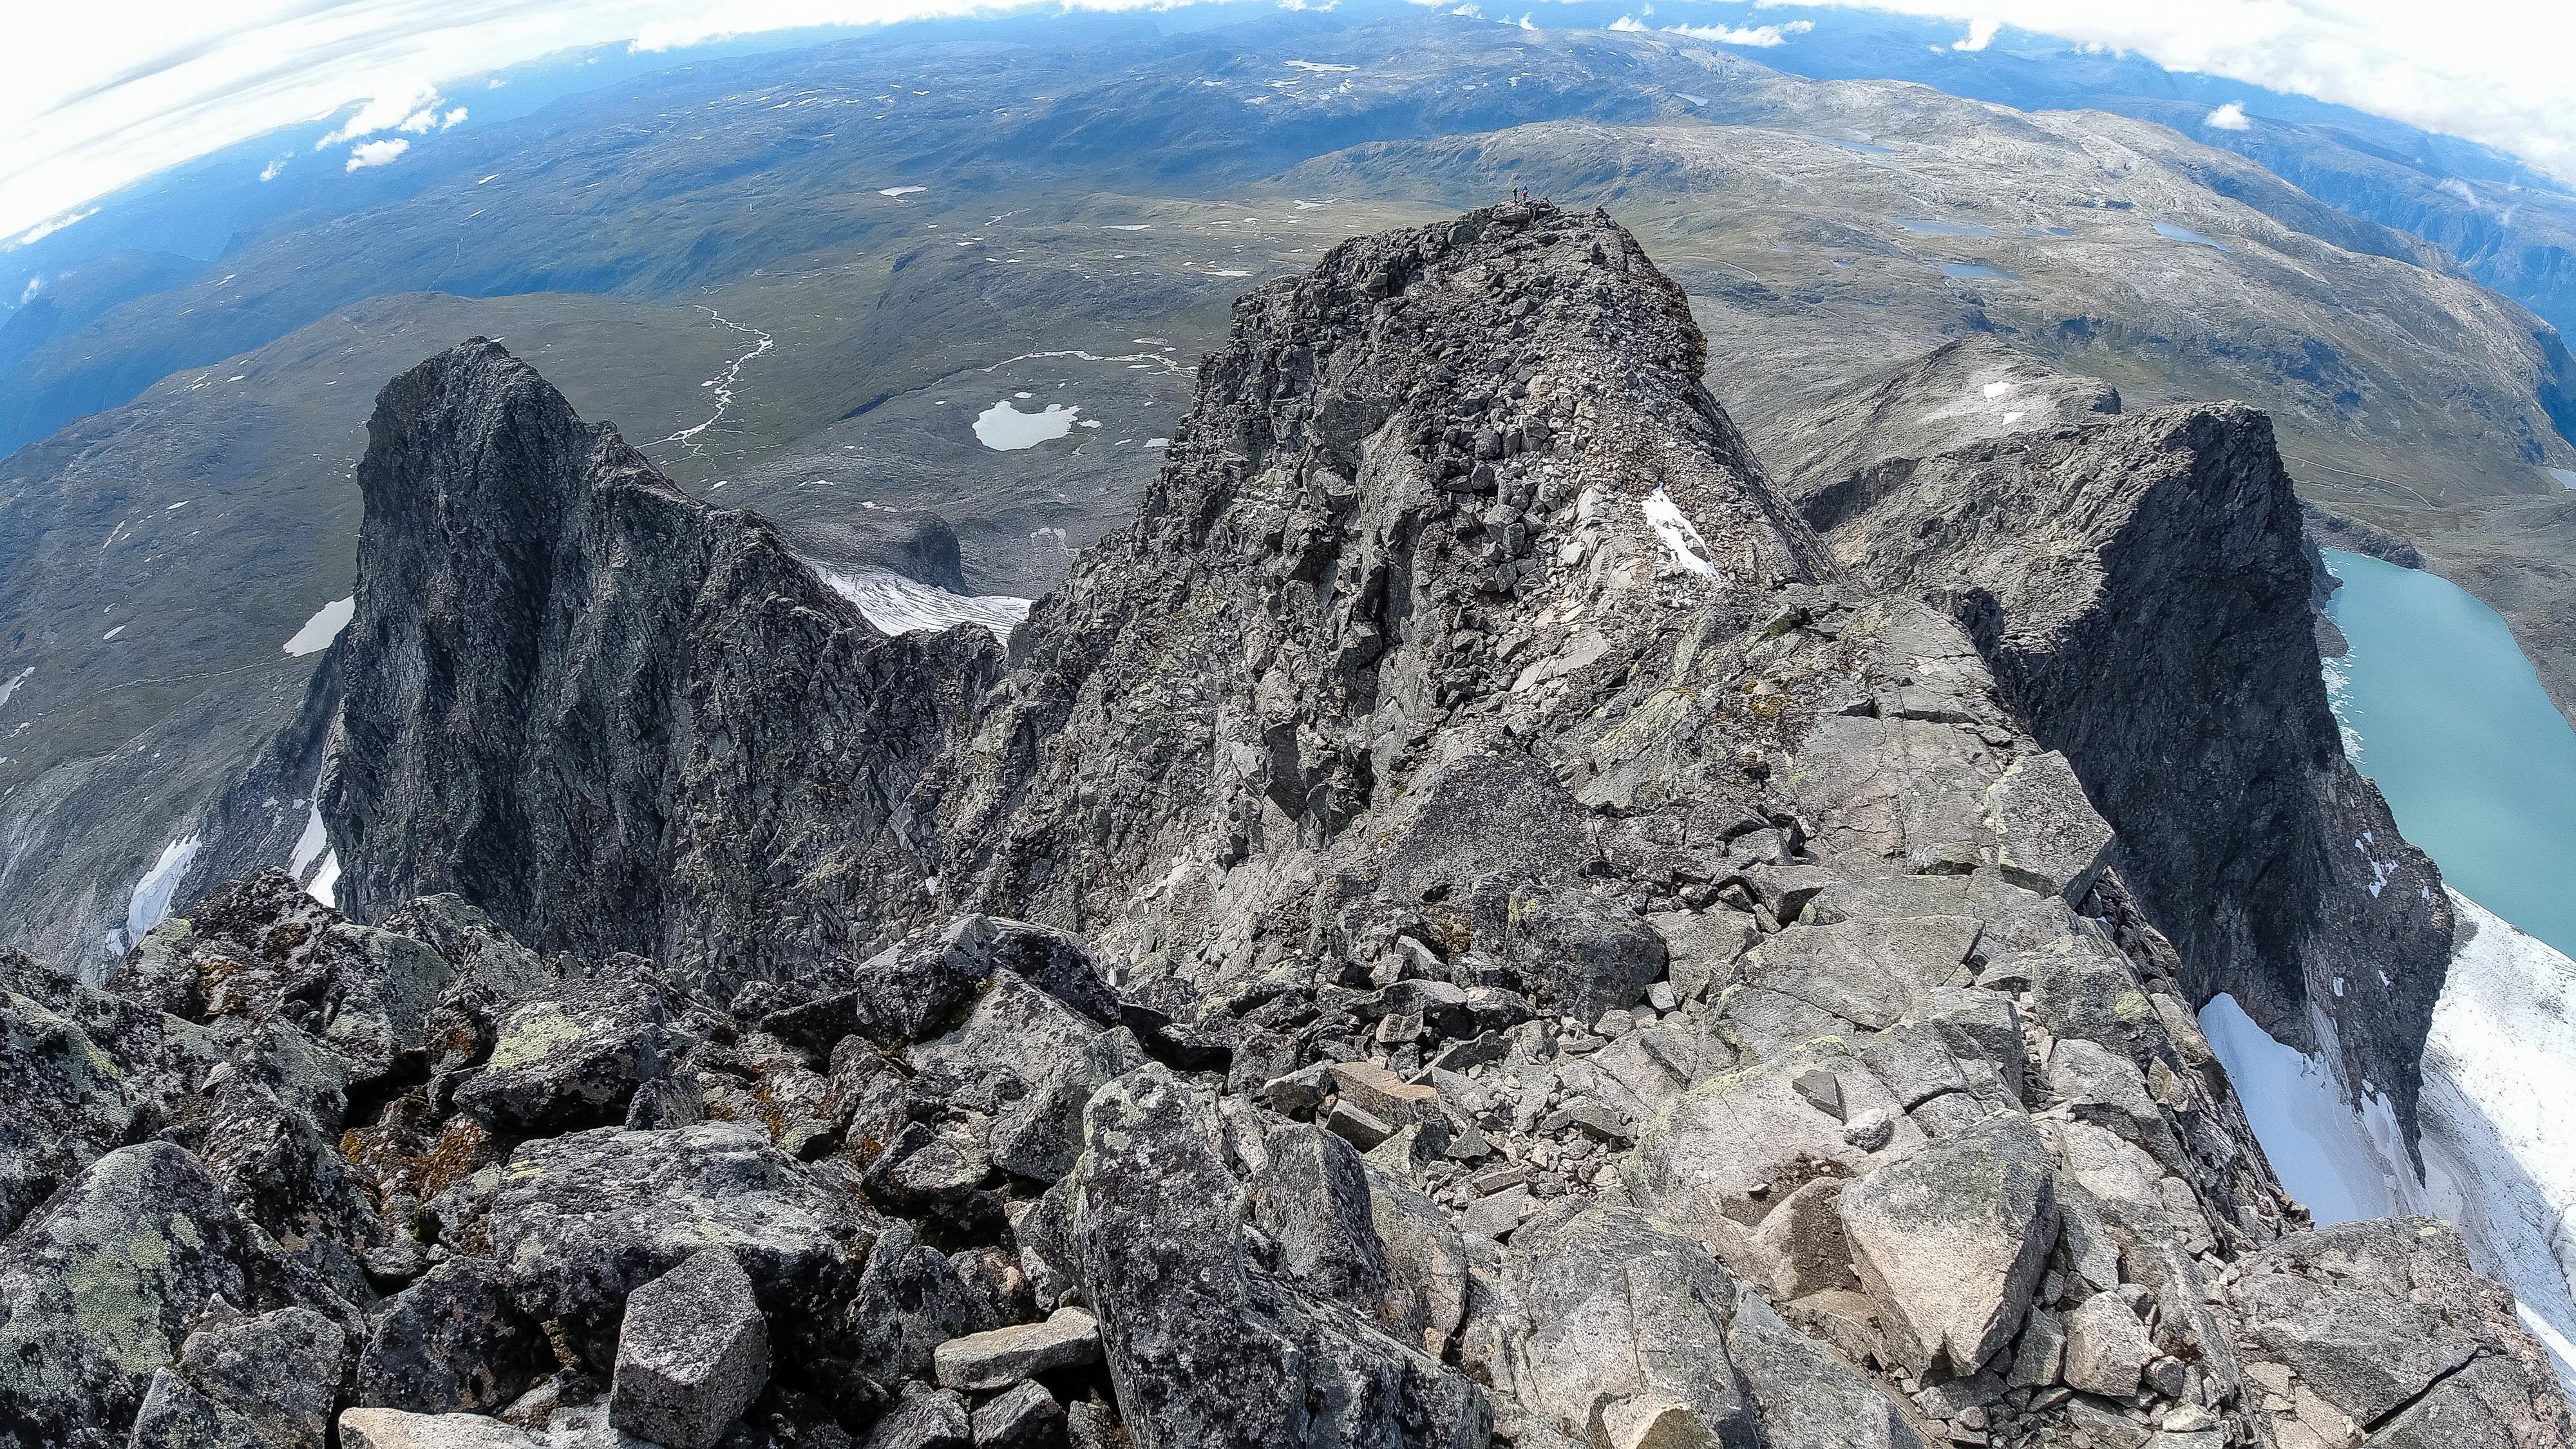 Toppeggen opp mot Store Austanbottstind, med Søre Austanbottstind til venstre og Midtre- og Vestre Austanbottstind til høyre.